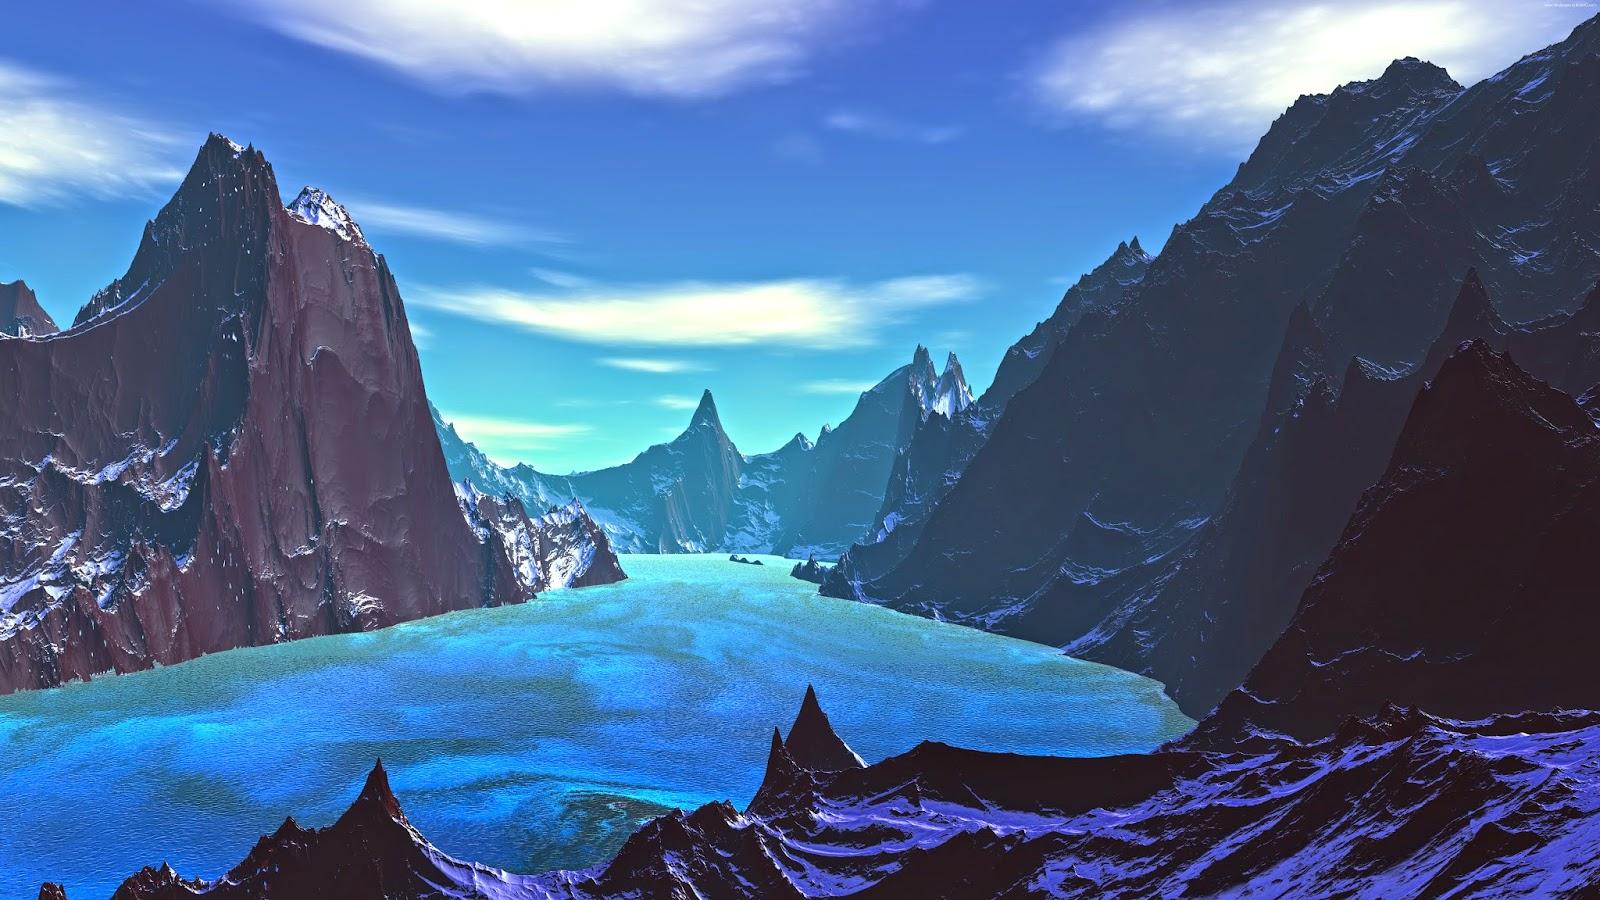 elementary os wallpaper,mountainous landforms,natural landscape,mountain,nature,mountain range